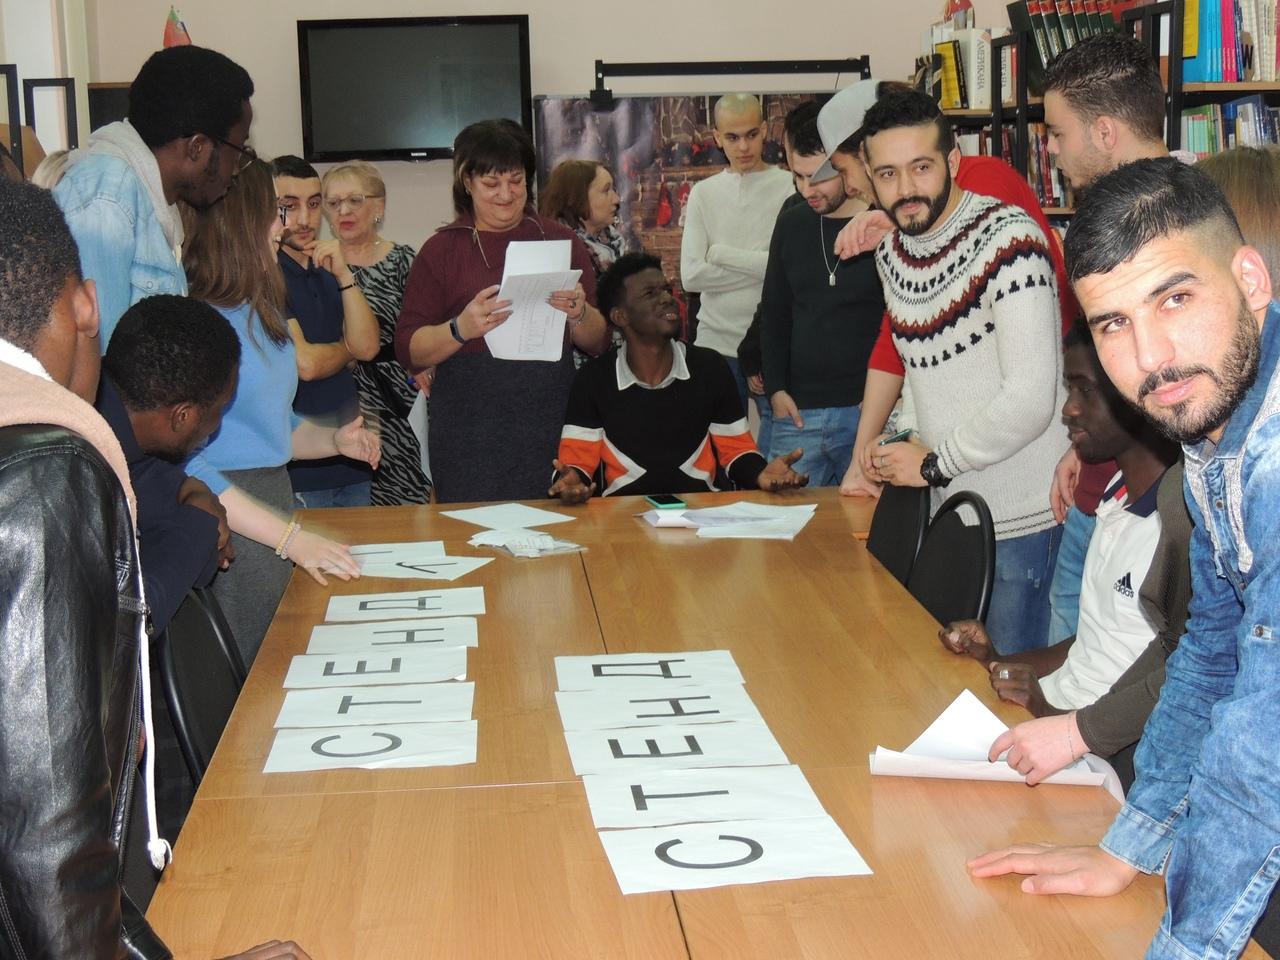 Татьянин день в брянской библиотеке весело отметили студенты